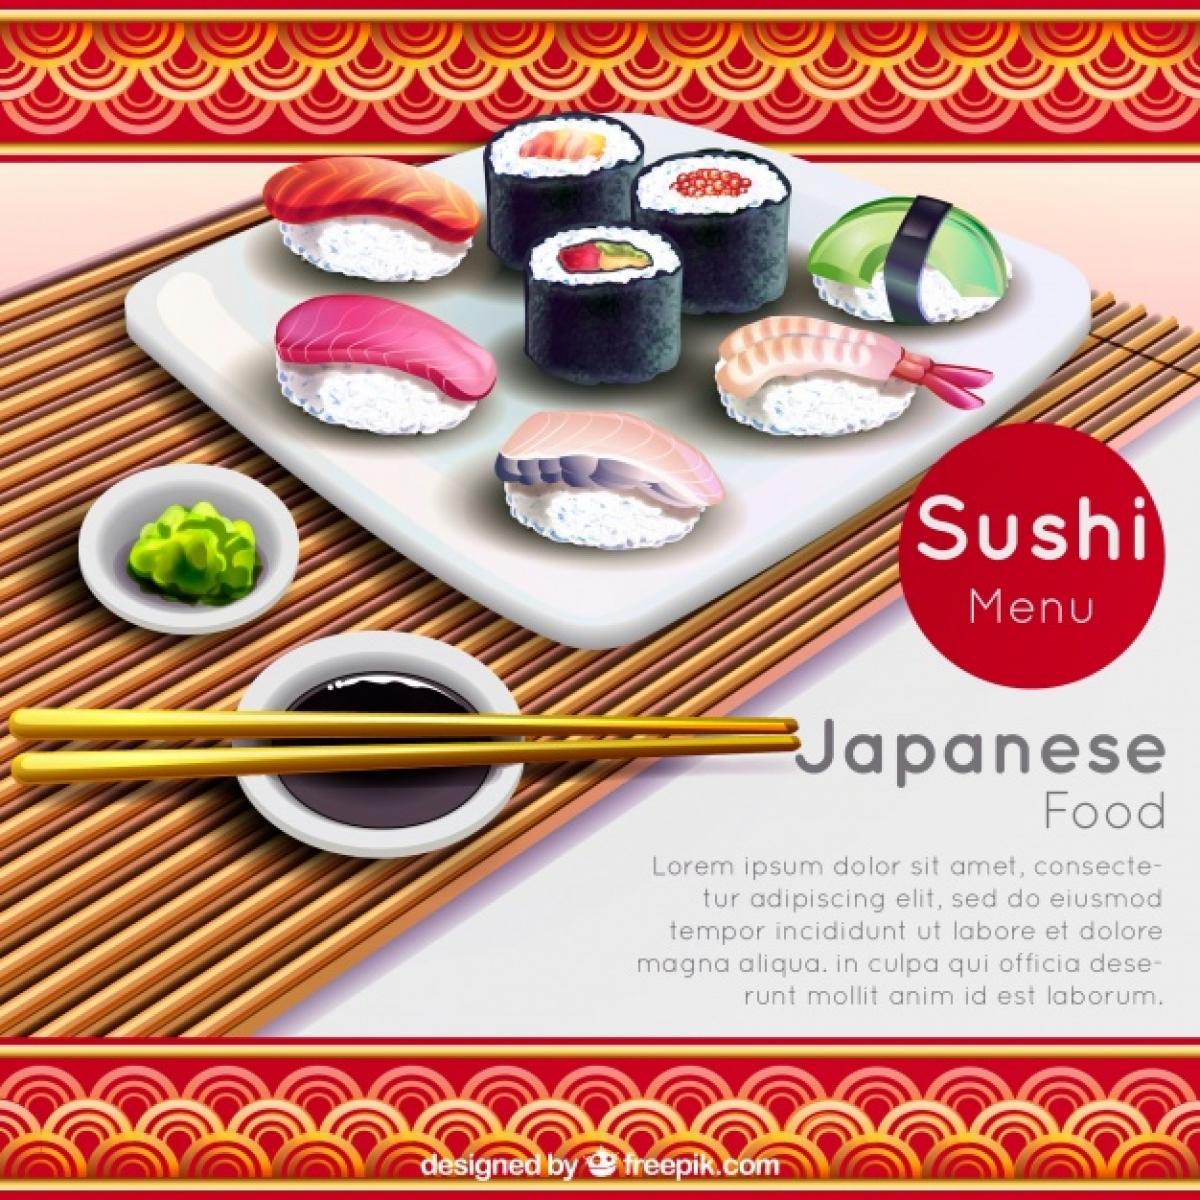 Passo ponto comercial de restaurante japones